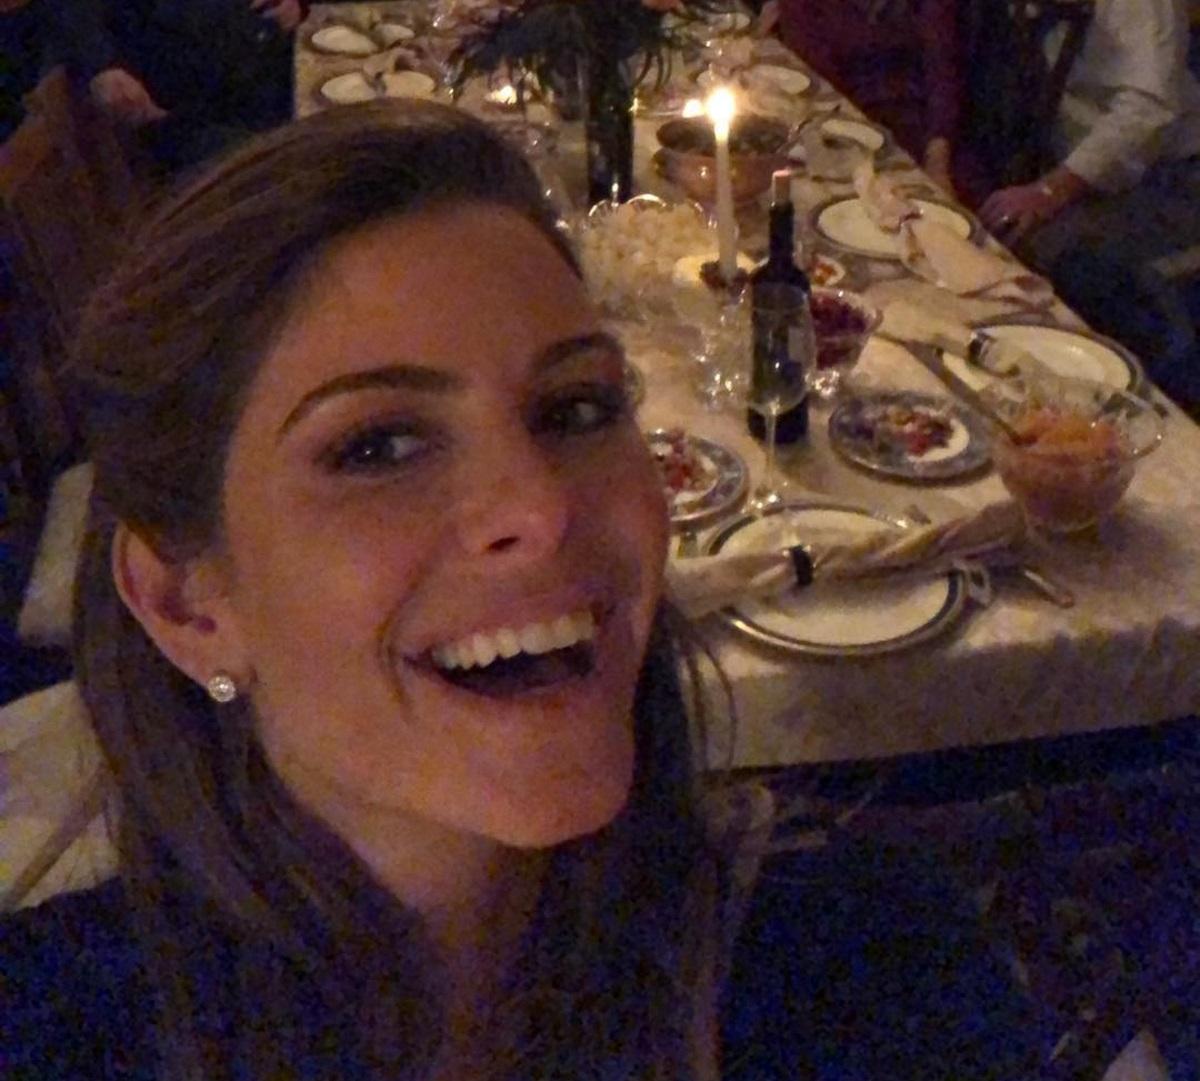 Μαρία Μενούνος: Γιόρτασε την Ημέρα των Ευχαριστιών στις ΗΠΑ με την οικογένειά της! [pics]